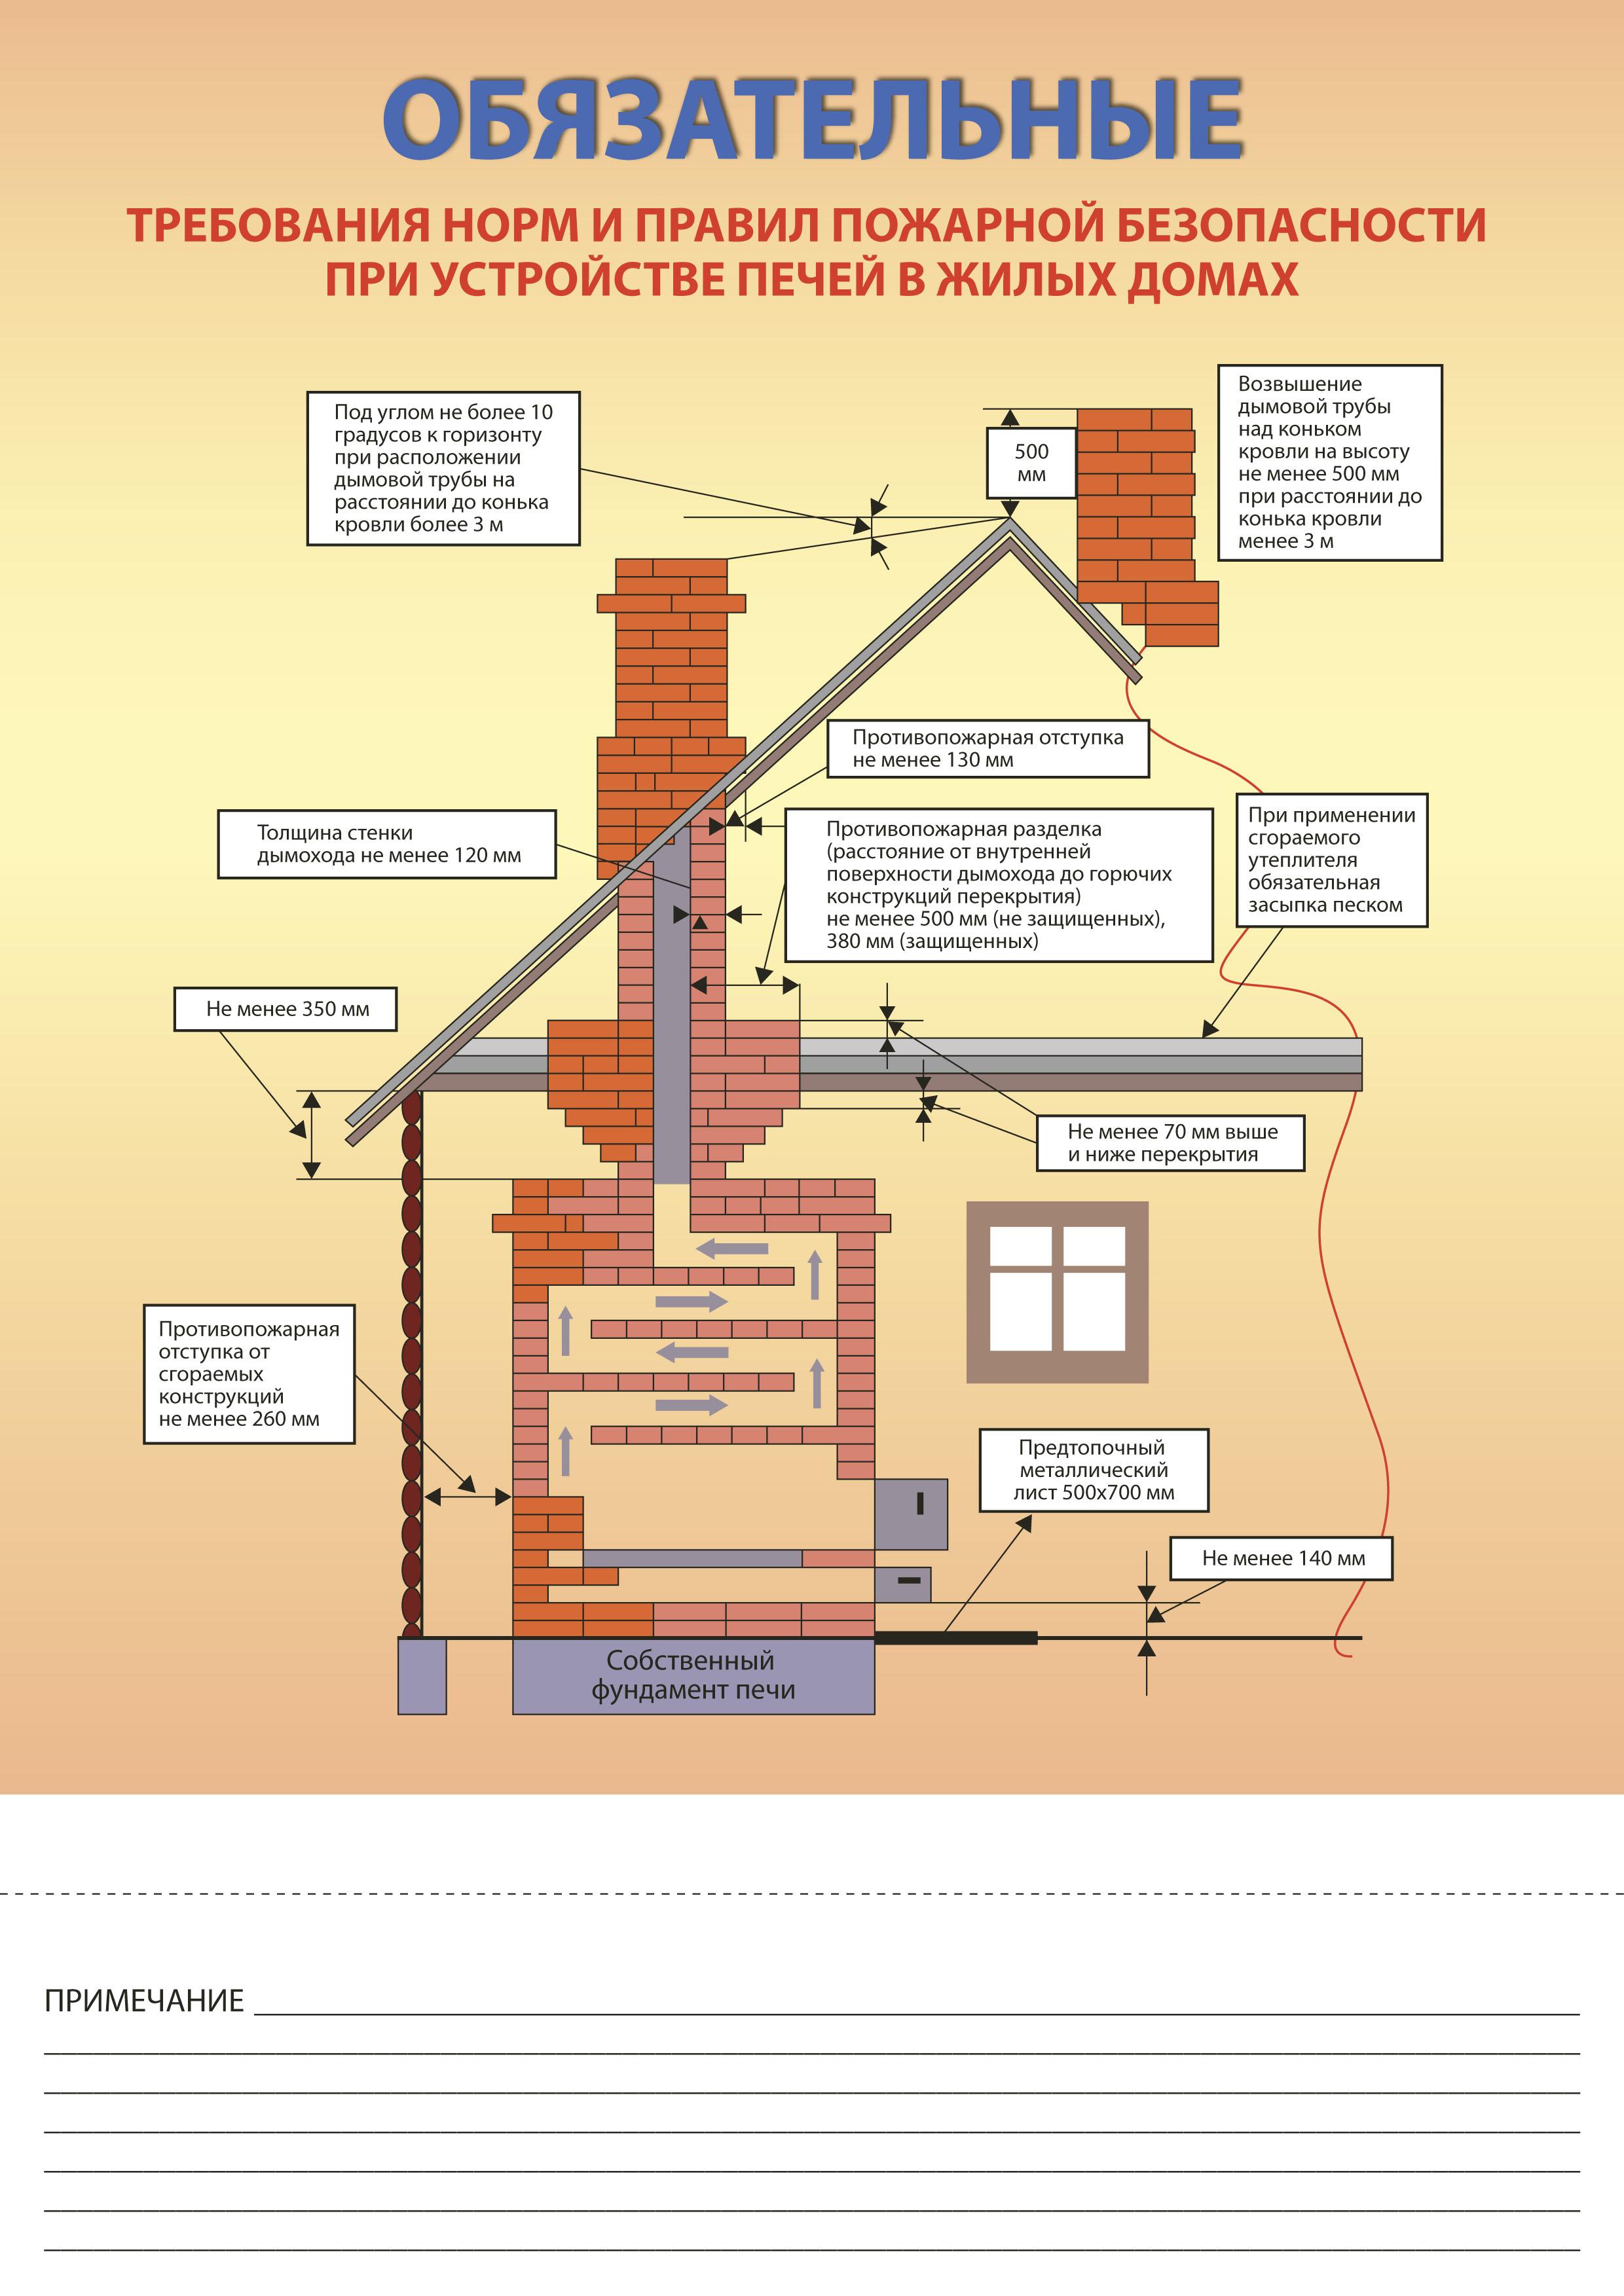 Основы пожарной безопасности бань, саун